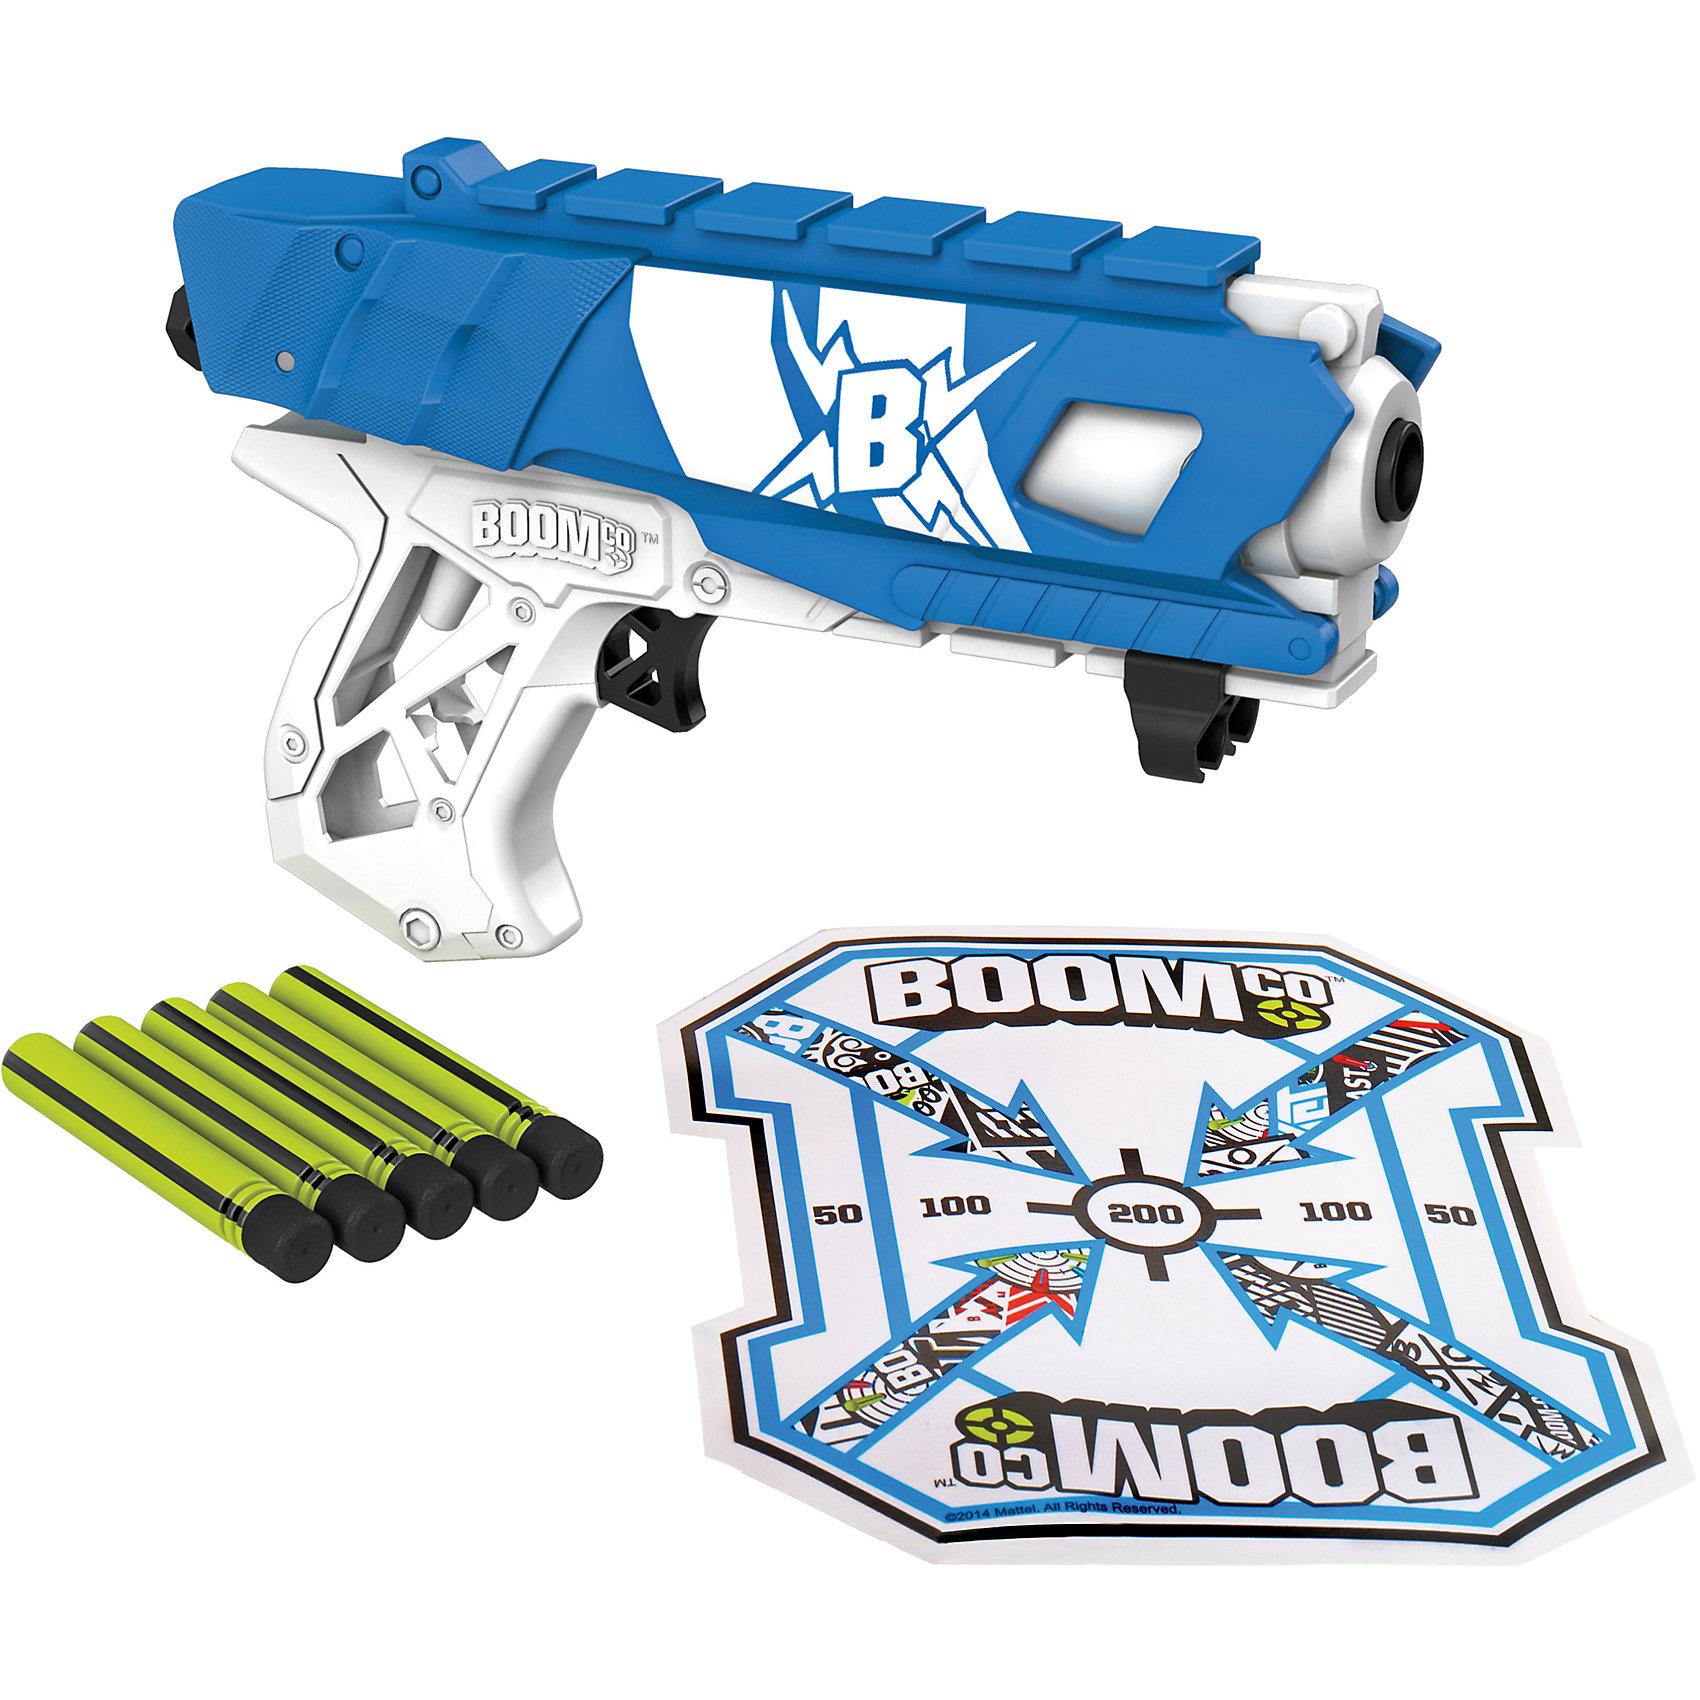 Бластер Farshot в ассортименте, BOOMcоБластер Farshot в ассортименте, BOOMcо (Бумко) - это увлекательный игровой набор для веселых сражений и подвижных игр.<br>Этот бластер с пружинным механизмом способен стрелять дальше всех! Дальность стрельбы до 23 м! С ним ты сможешь поразить противника, находясь на безопасном расстоянии. В рукоятке имеется отделение для хранения двух дополнительных стрел, а сбоку 2 щита, чтобы ловить стрелы противников! Все стрелы Boomco имеют клейкие наконечники: при попадании в цель стрела прилипает. Игра с бластером Farshot поможет в развитии меткости, ловкости, координации движений и сноровки.<br><br>Дополнительная информация:<br><br>- В комплекте: бластер, 3 стрелы с наконечниками Smart Stick, мишень со специальным покрытием<br>- Цвет в ассортименте<br>- Материал: высококачественный пластик<br>- Размер упаковки: 19 х 23 х 5,5 см.<br>- Вес: 312 гр.<br>- ВНИМАНИЕ! Данный артикул представлен в разных вариантах исполнения. К сожалению, заранее выбрать определенный вариант невозможно. При заказе нескольких наборов возможно получение одинаковых<br><br>Бластер Farshot в ассортименте, BOOMcо (Бумко) можно купить в нашем интернет-магазине.<br><br>Ширина мм: 190<br>Глубина мм: 230<br>Высота мм: 55<br>Вес г: 312<br>Возраст от месяцев: 72<br>Возраст до месяцев: 144<br>Пол: Мужской<br>Возраст: Детский<br>SKU: 4234295